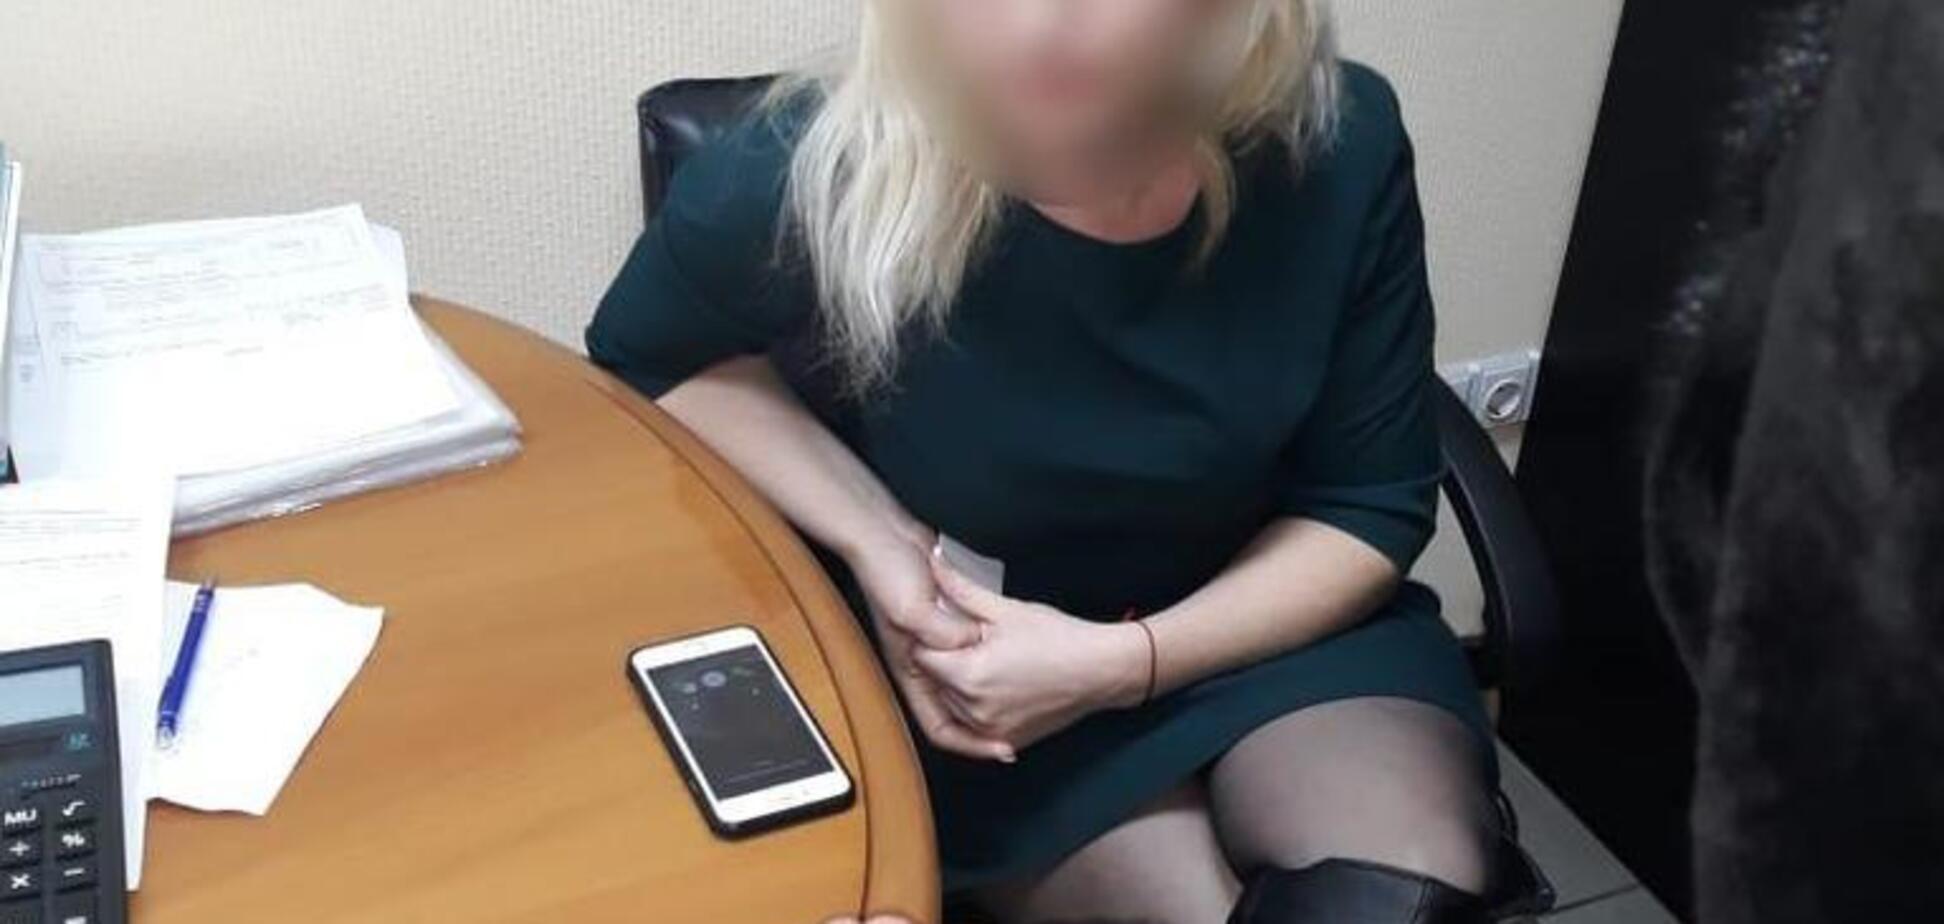 Требовала миллион: руководитель киевского банка попалась на крупной взятке